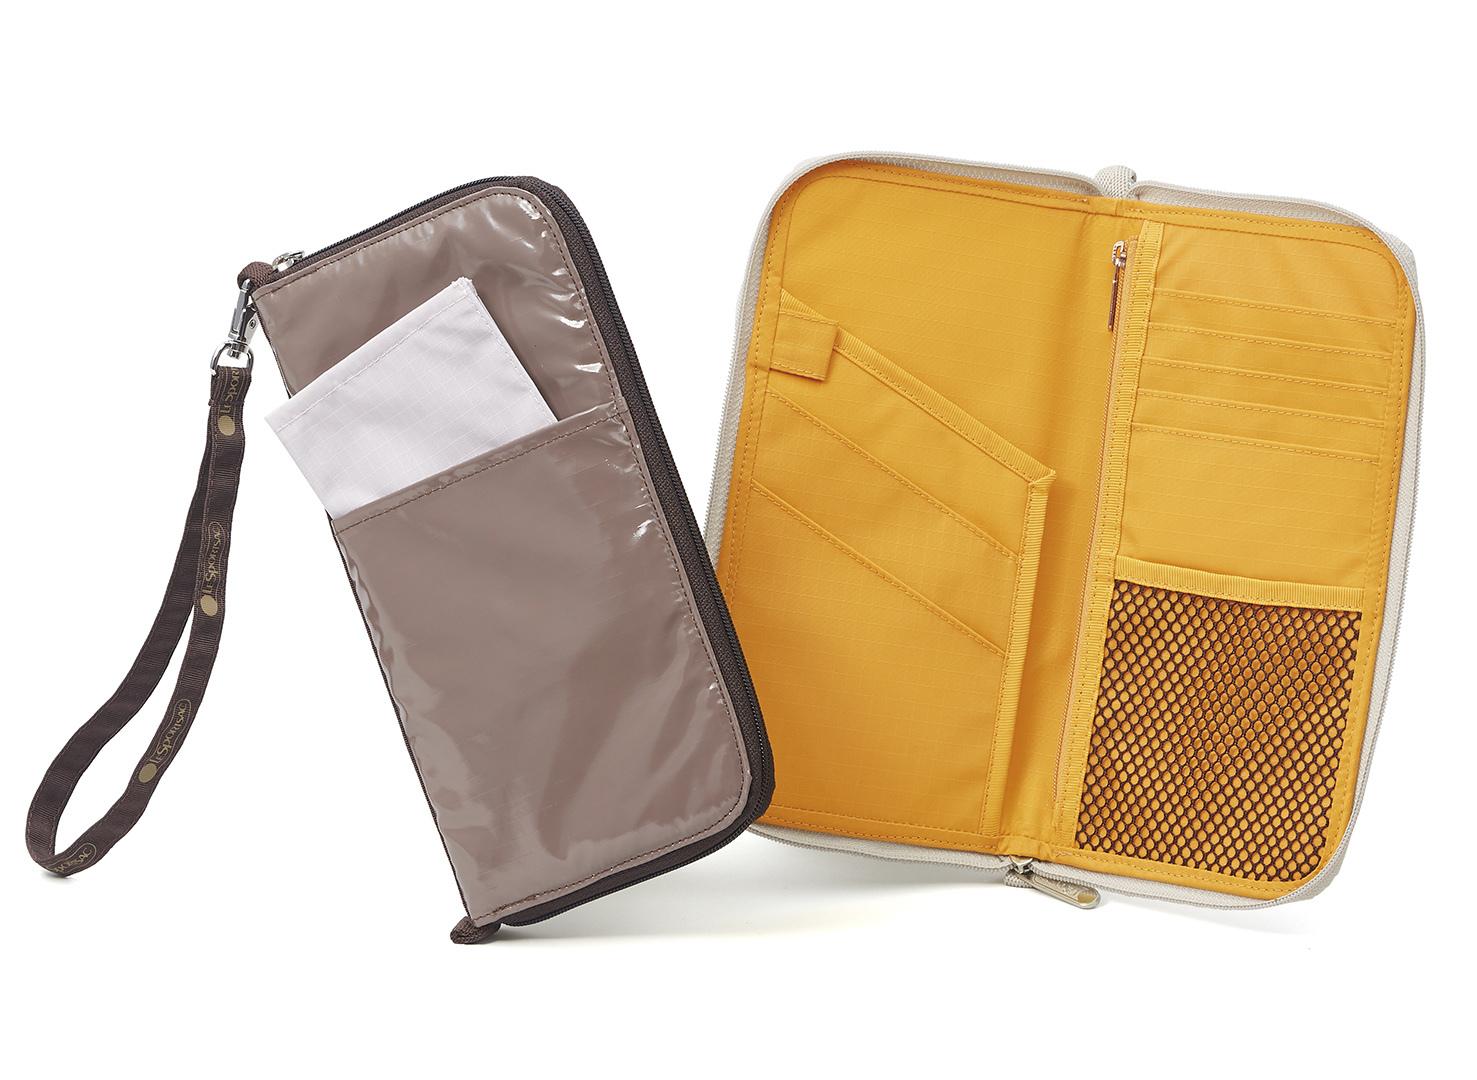 ひとりっぷ×LeSportsacコラボ 旅にも日常にも便利なバッグが登場_1_4-2